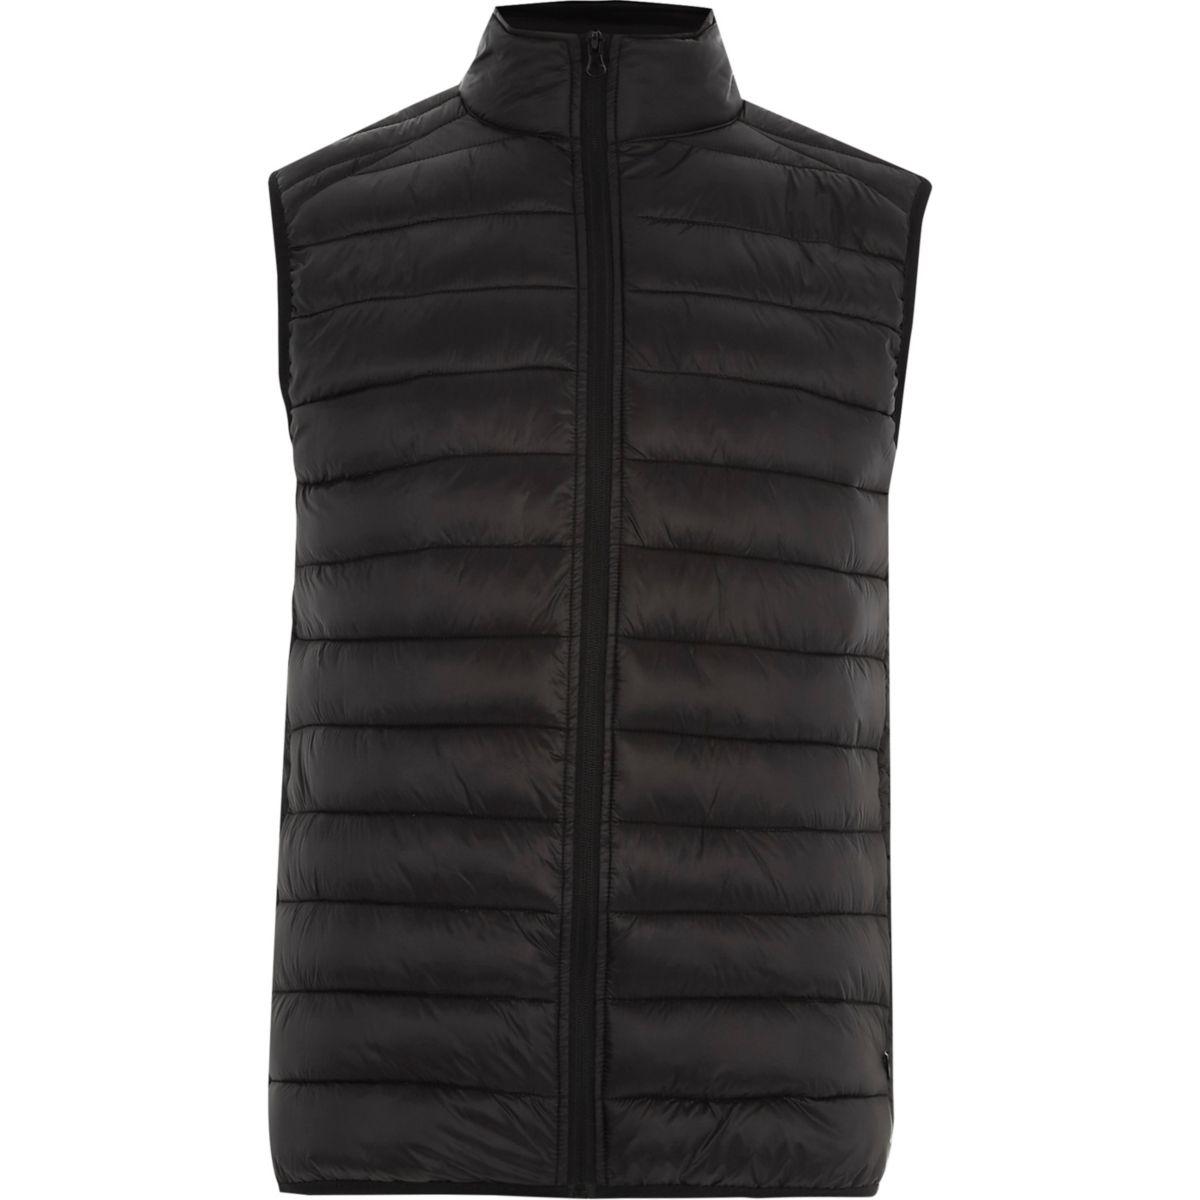 Black padded vest